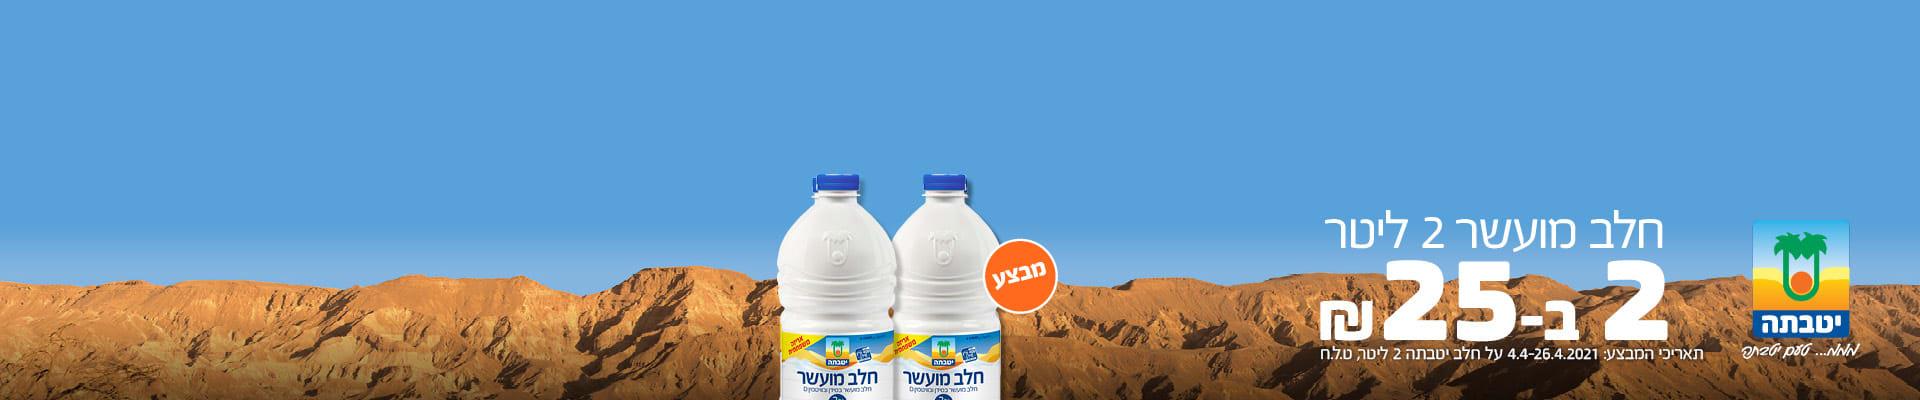 מבצע יטבתה מממ.... טעם יטבתה חלב מועשר 2 ליטר 2 ב- 25 ₪ תאריכי המבצע: 4.4-26.4.2021 על חלב יטבתה 2 ליטר , ט.ל.ח